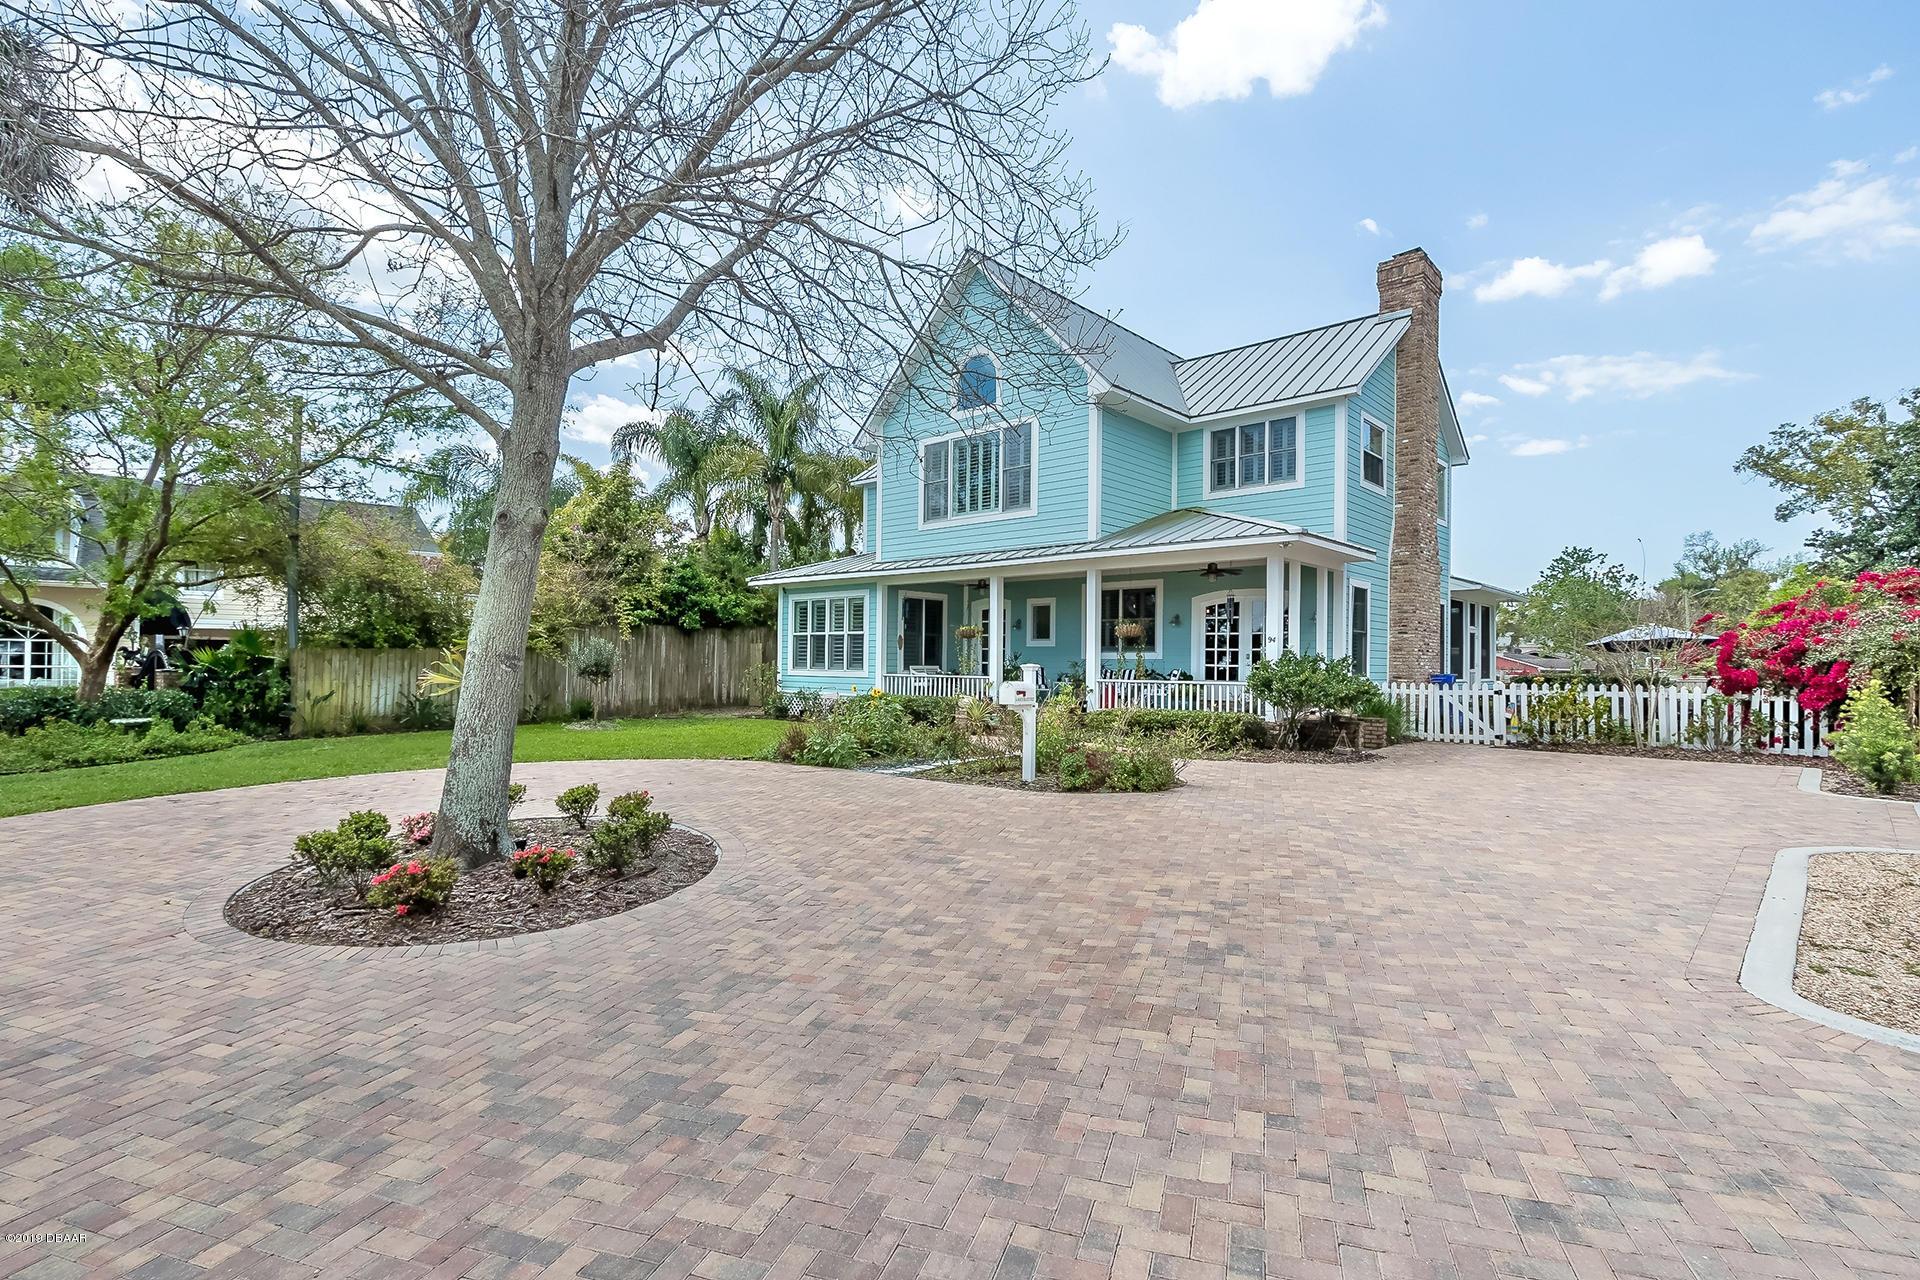 94 N Beach Street, Ormond Beach, Florida